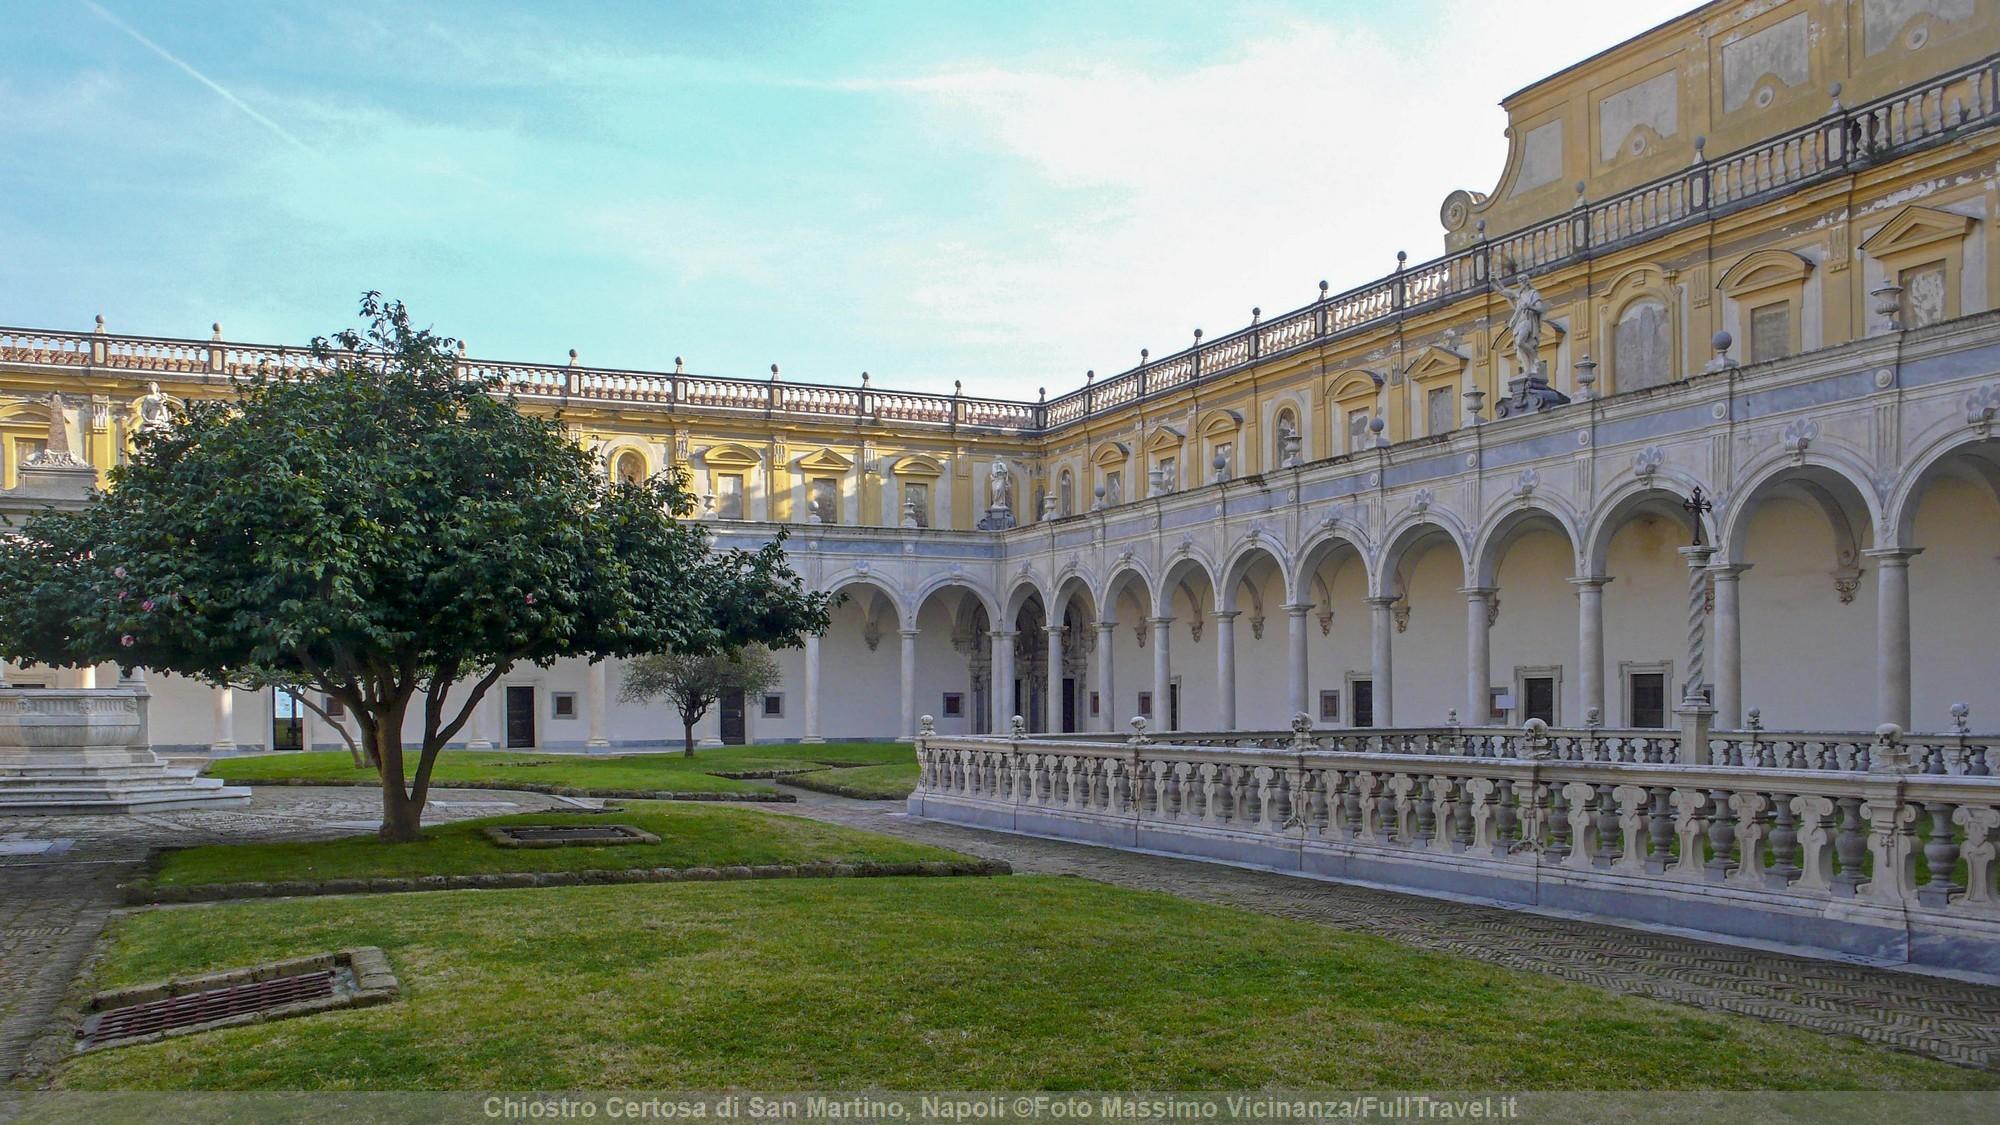 Chiostro Certosa San Martino, Napoli ©Foto Massimo Vicinanza/FullTravel